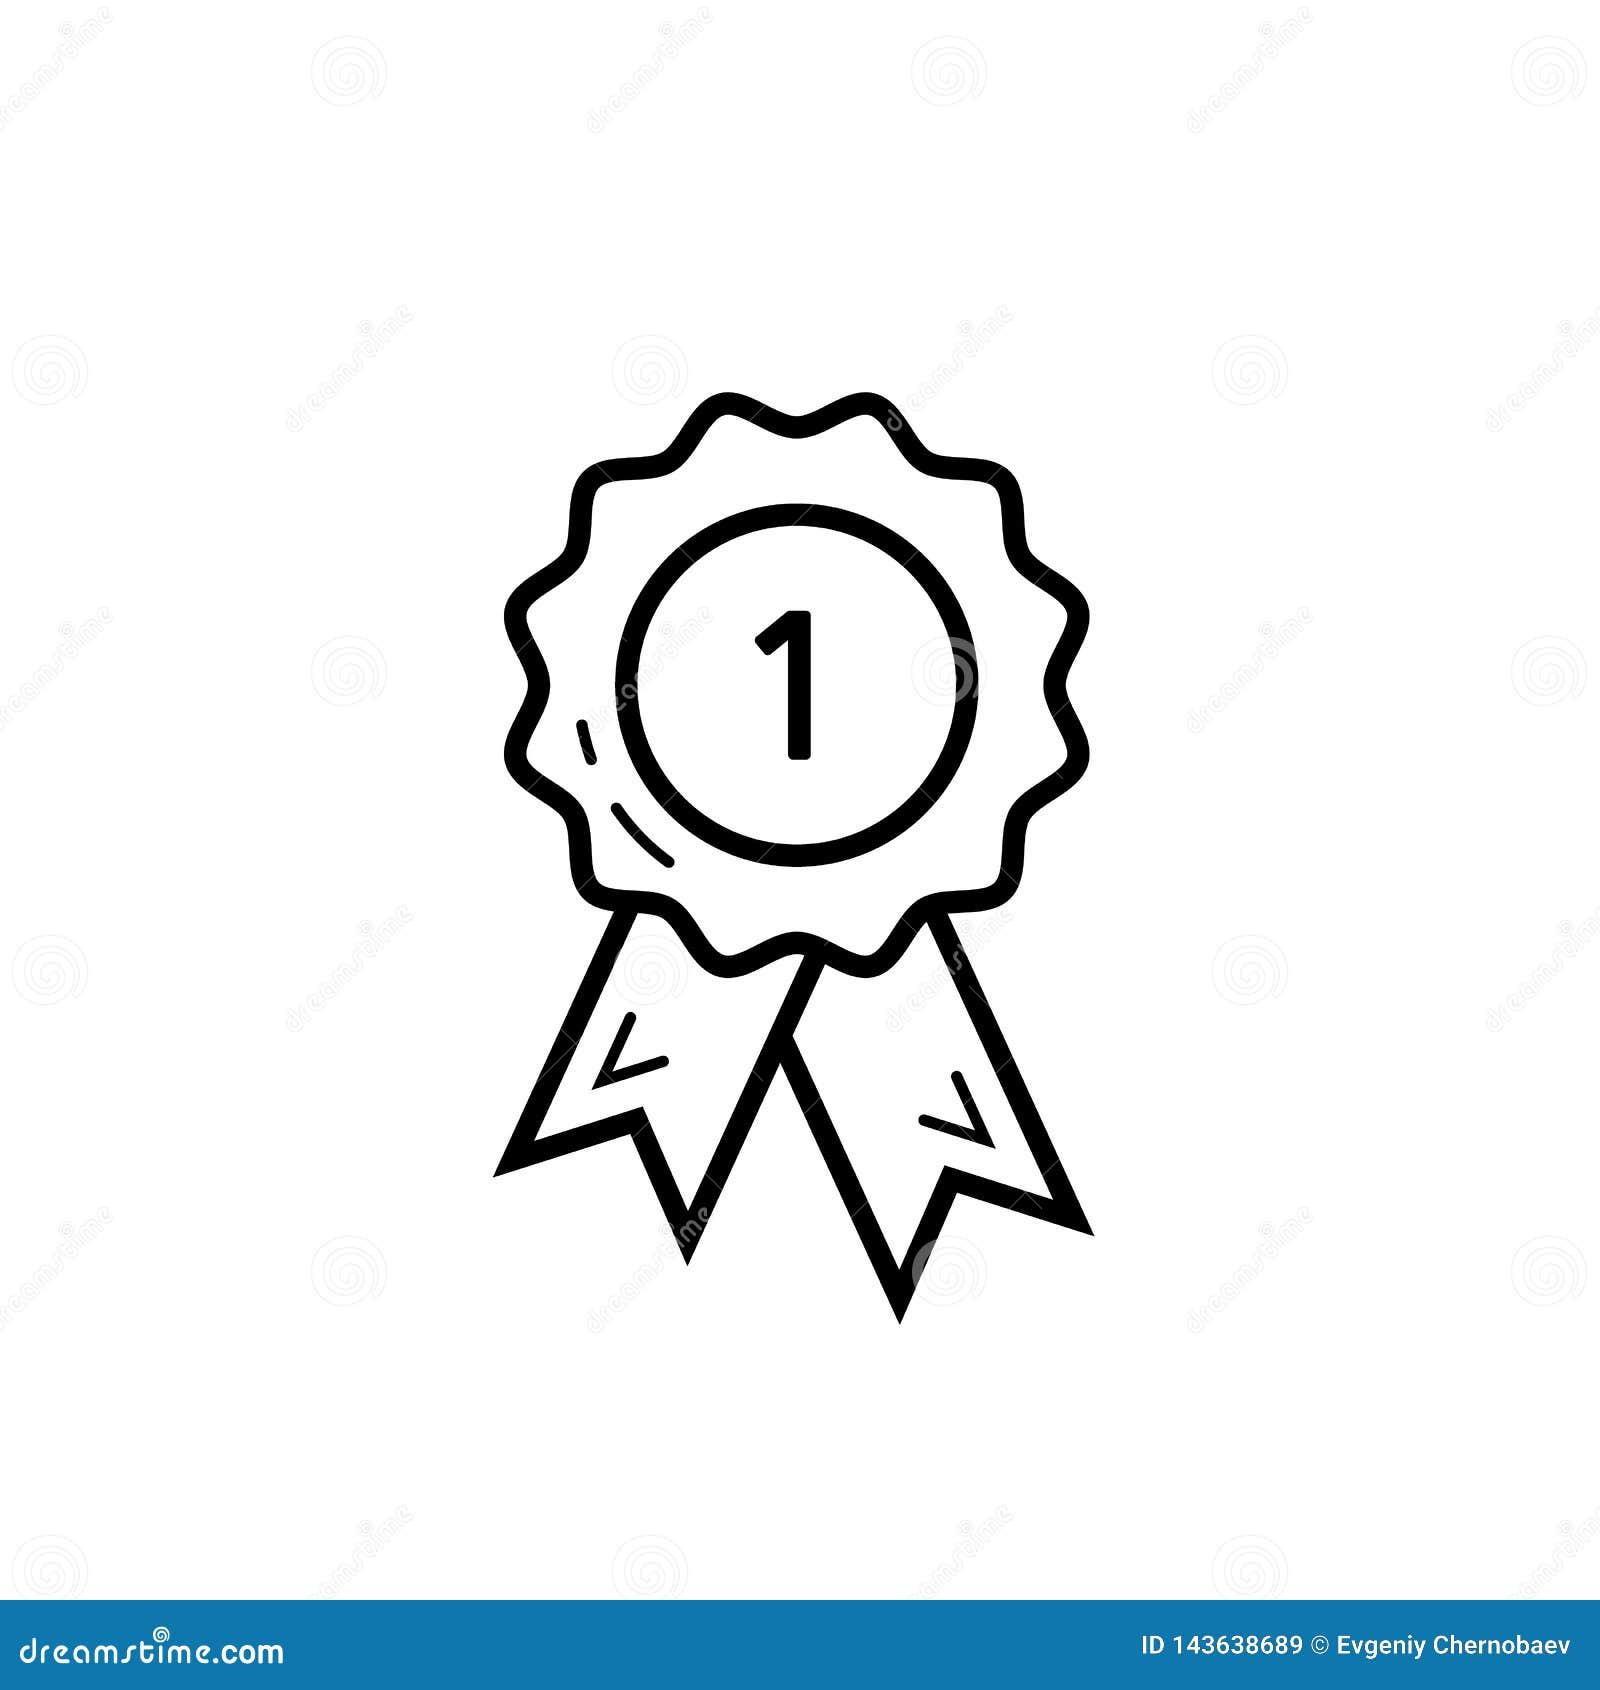 Nagroda medal lubi 1st ikonę Najlepszy ilości odznaki medalu sieci sklepu ikony wektor eps10 Najpierw miejsce medalu ikona